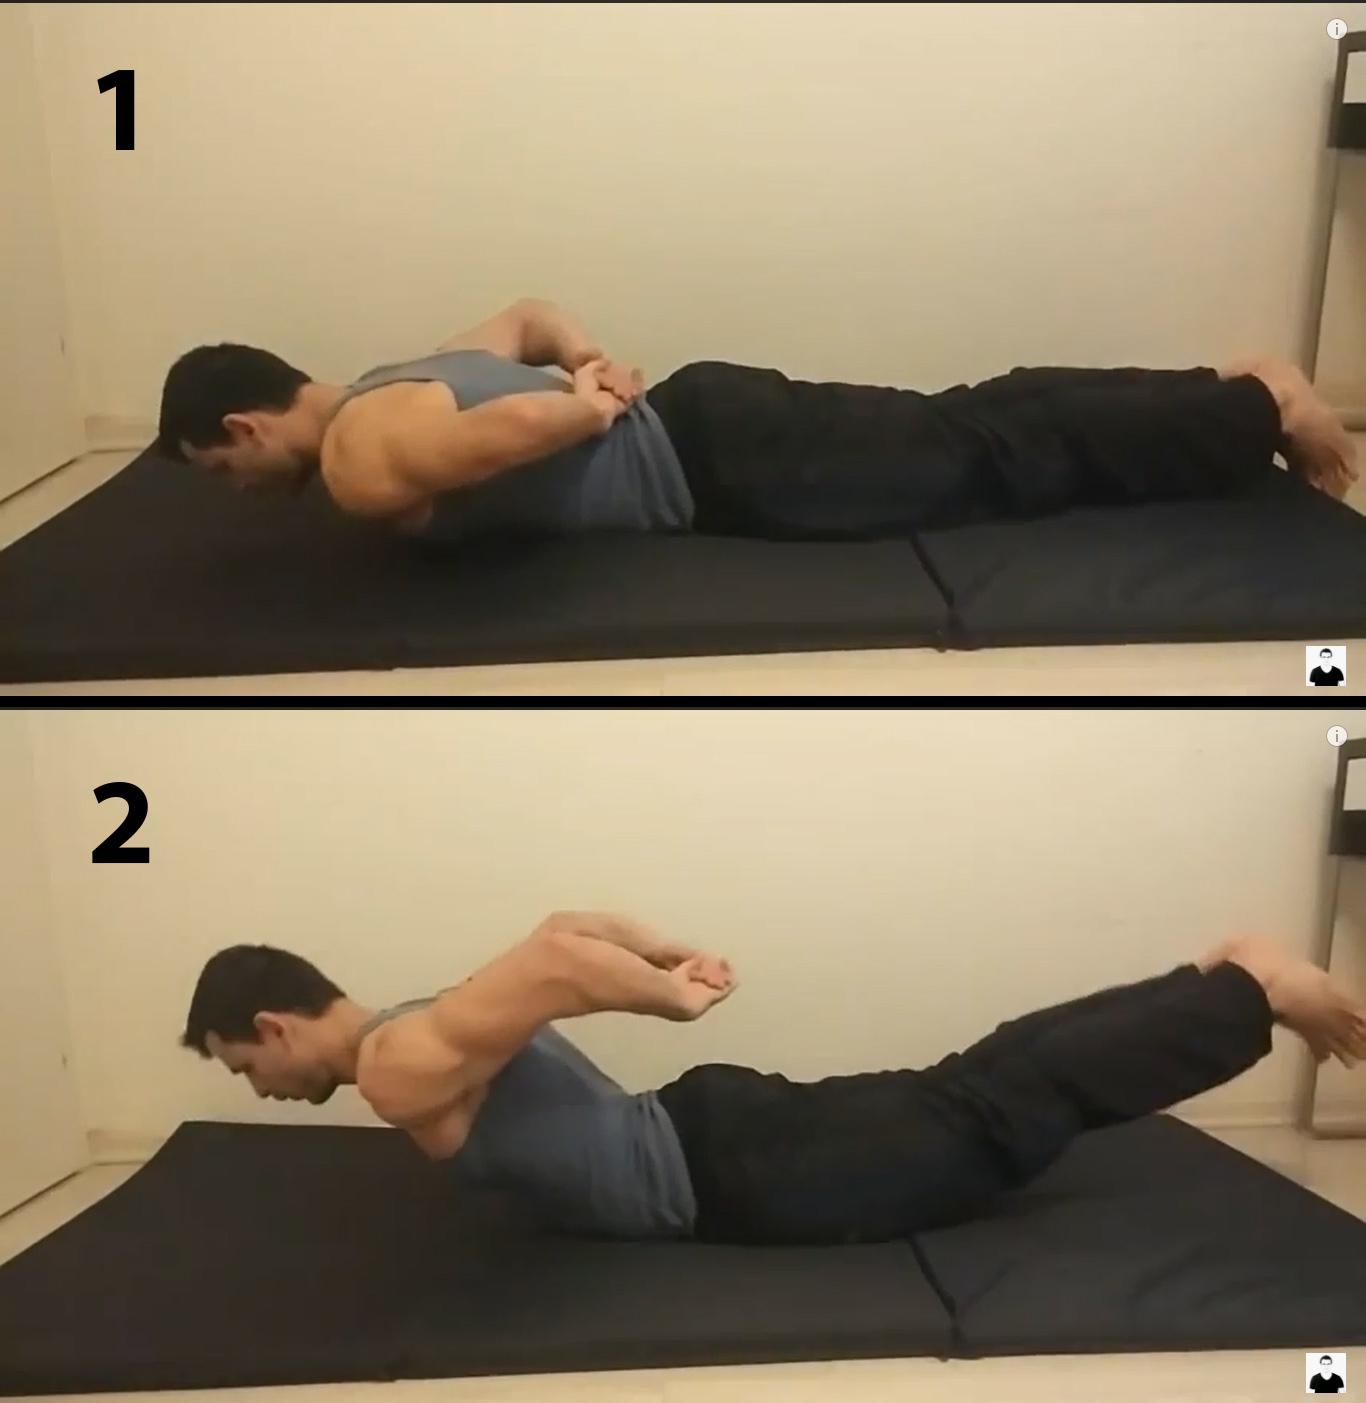 חיזוק חגורת כתפיים - הרמת כתפיים ורגליים בשכיבה על הבטן